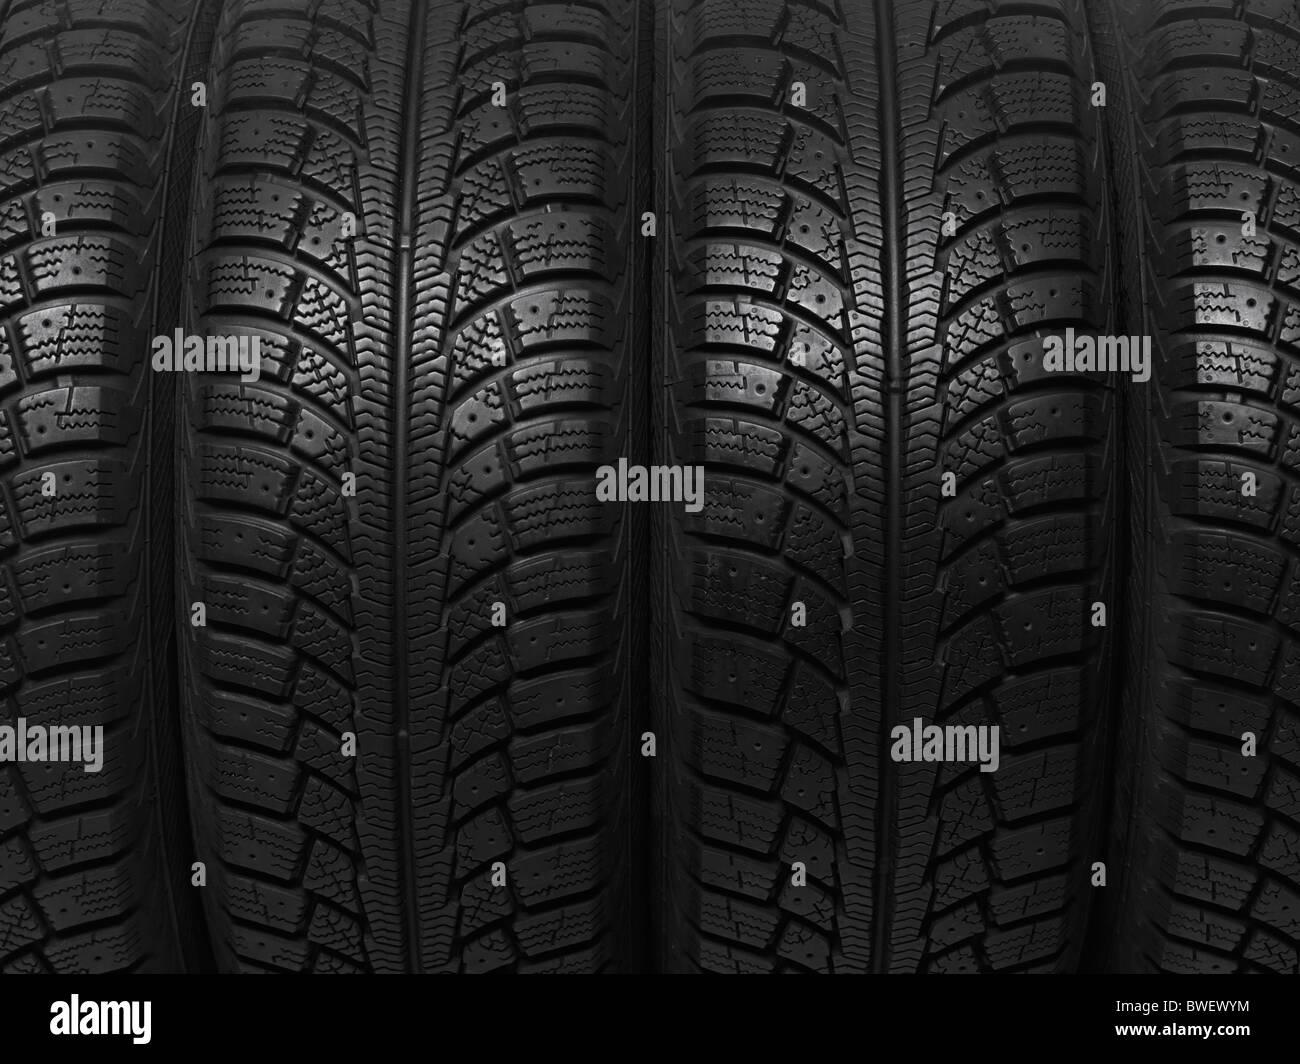 Nahaufnahme von ein Winterauto Reifen Hintergrundtextur Stockbild